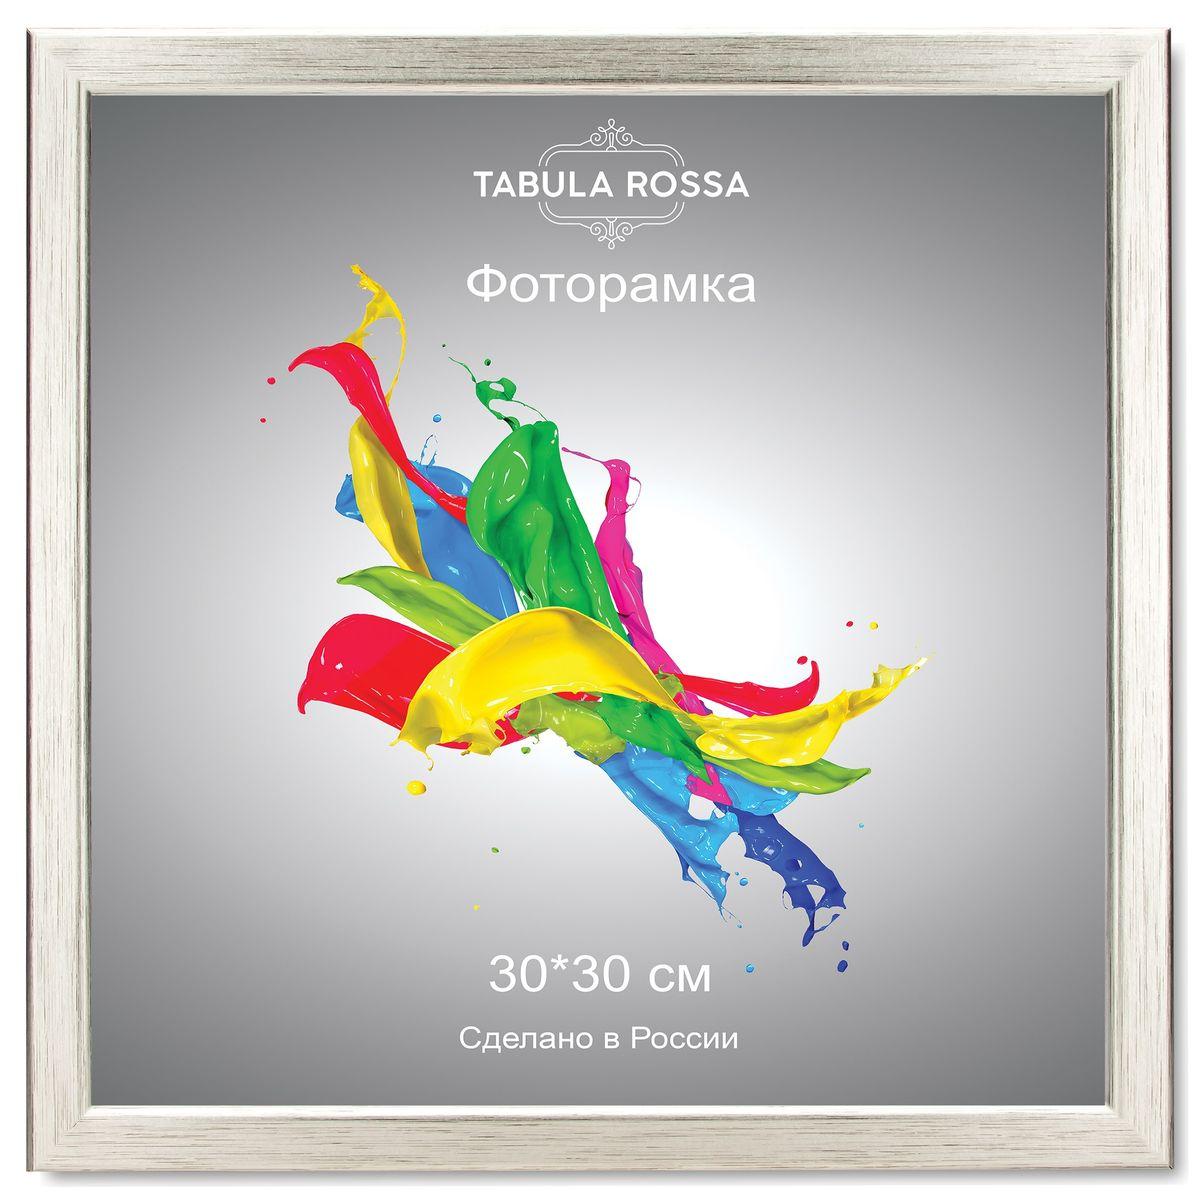 Фоторамка Tabula Rossa, цвет: серебро, 30 х 30 см. ТР 5134ТР 5134Фоторамка Tabula Rossa выполнена в классическом стиле из высококачественного МДФ и стекла, защищающего фотографию. Оборотная сторона рамки оснащена специальной ножкой, благодаря которой ее можно поставить на стол или любое другое место в доме или офисе. Также изделие дополнено двумя специальными креплениями для подвешивания на стену. Такая фоторамка не теряет своих свойств со временем, не деформируется и не выцветает. Она поможет вам оригинально и стильно дополнить интерьер помещения, а также позволит сохранить память о дорогих вам людях и интересных событиях вашей жизни.